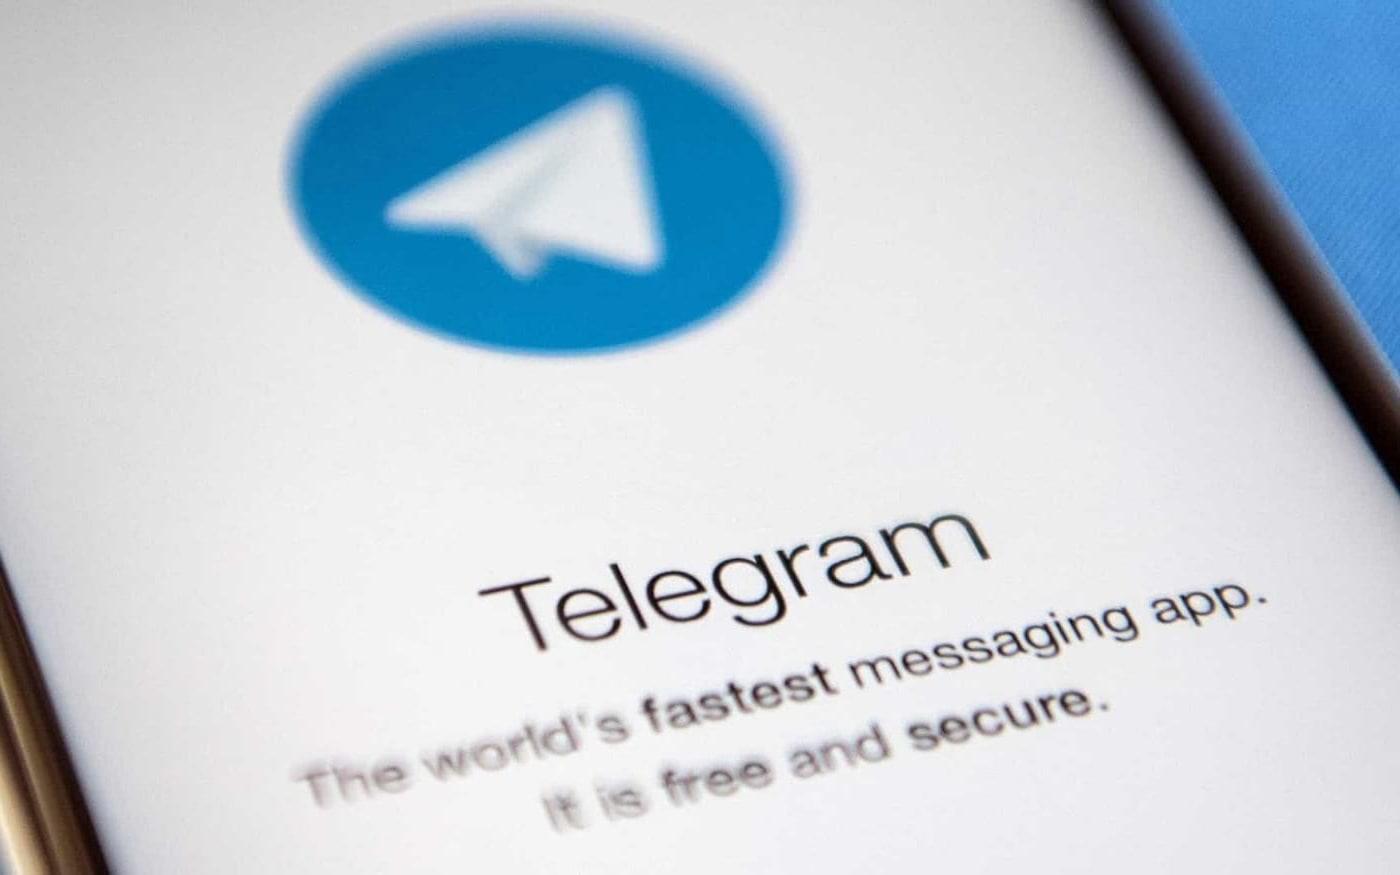 Atualização do Telegram permite adicionar contatos sem ter o número de celular e mais